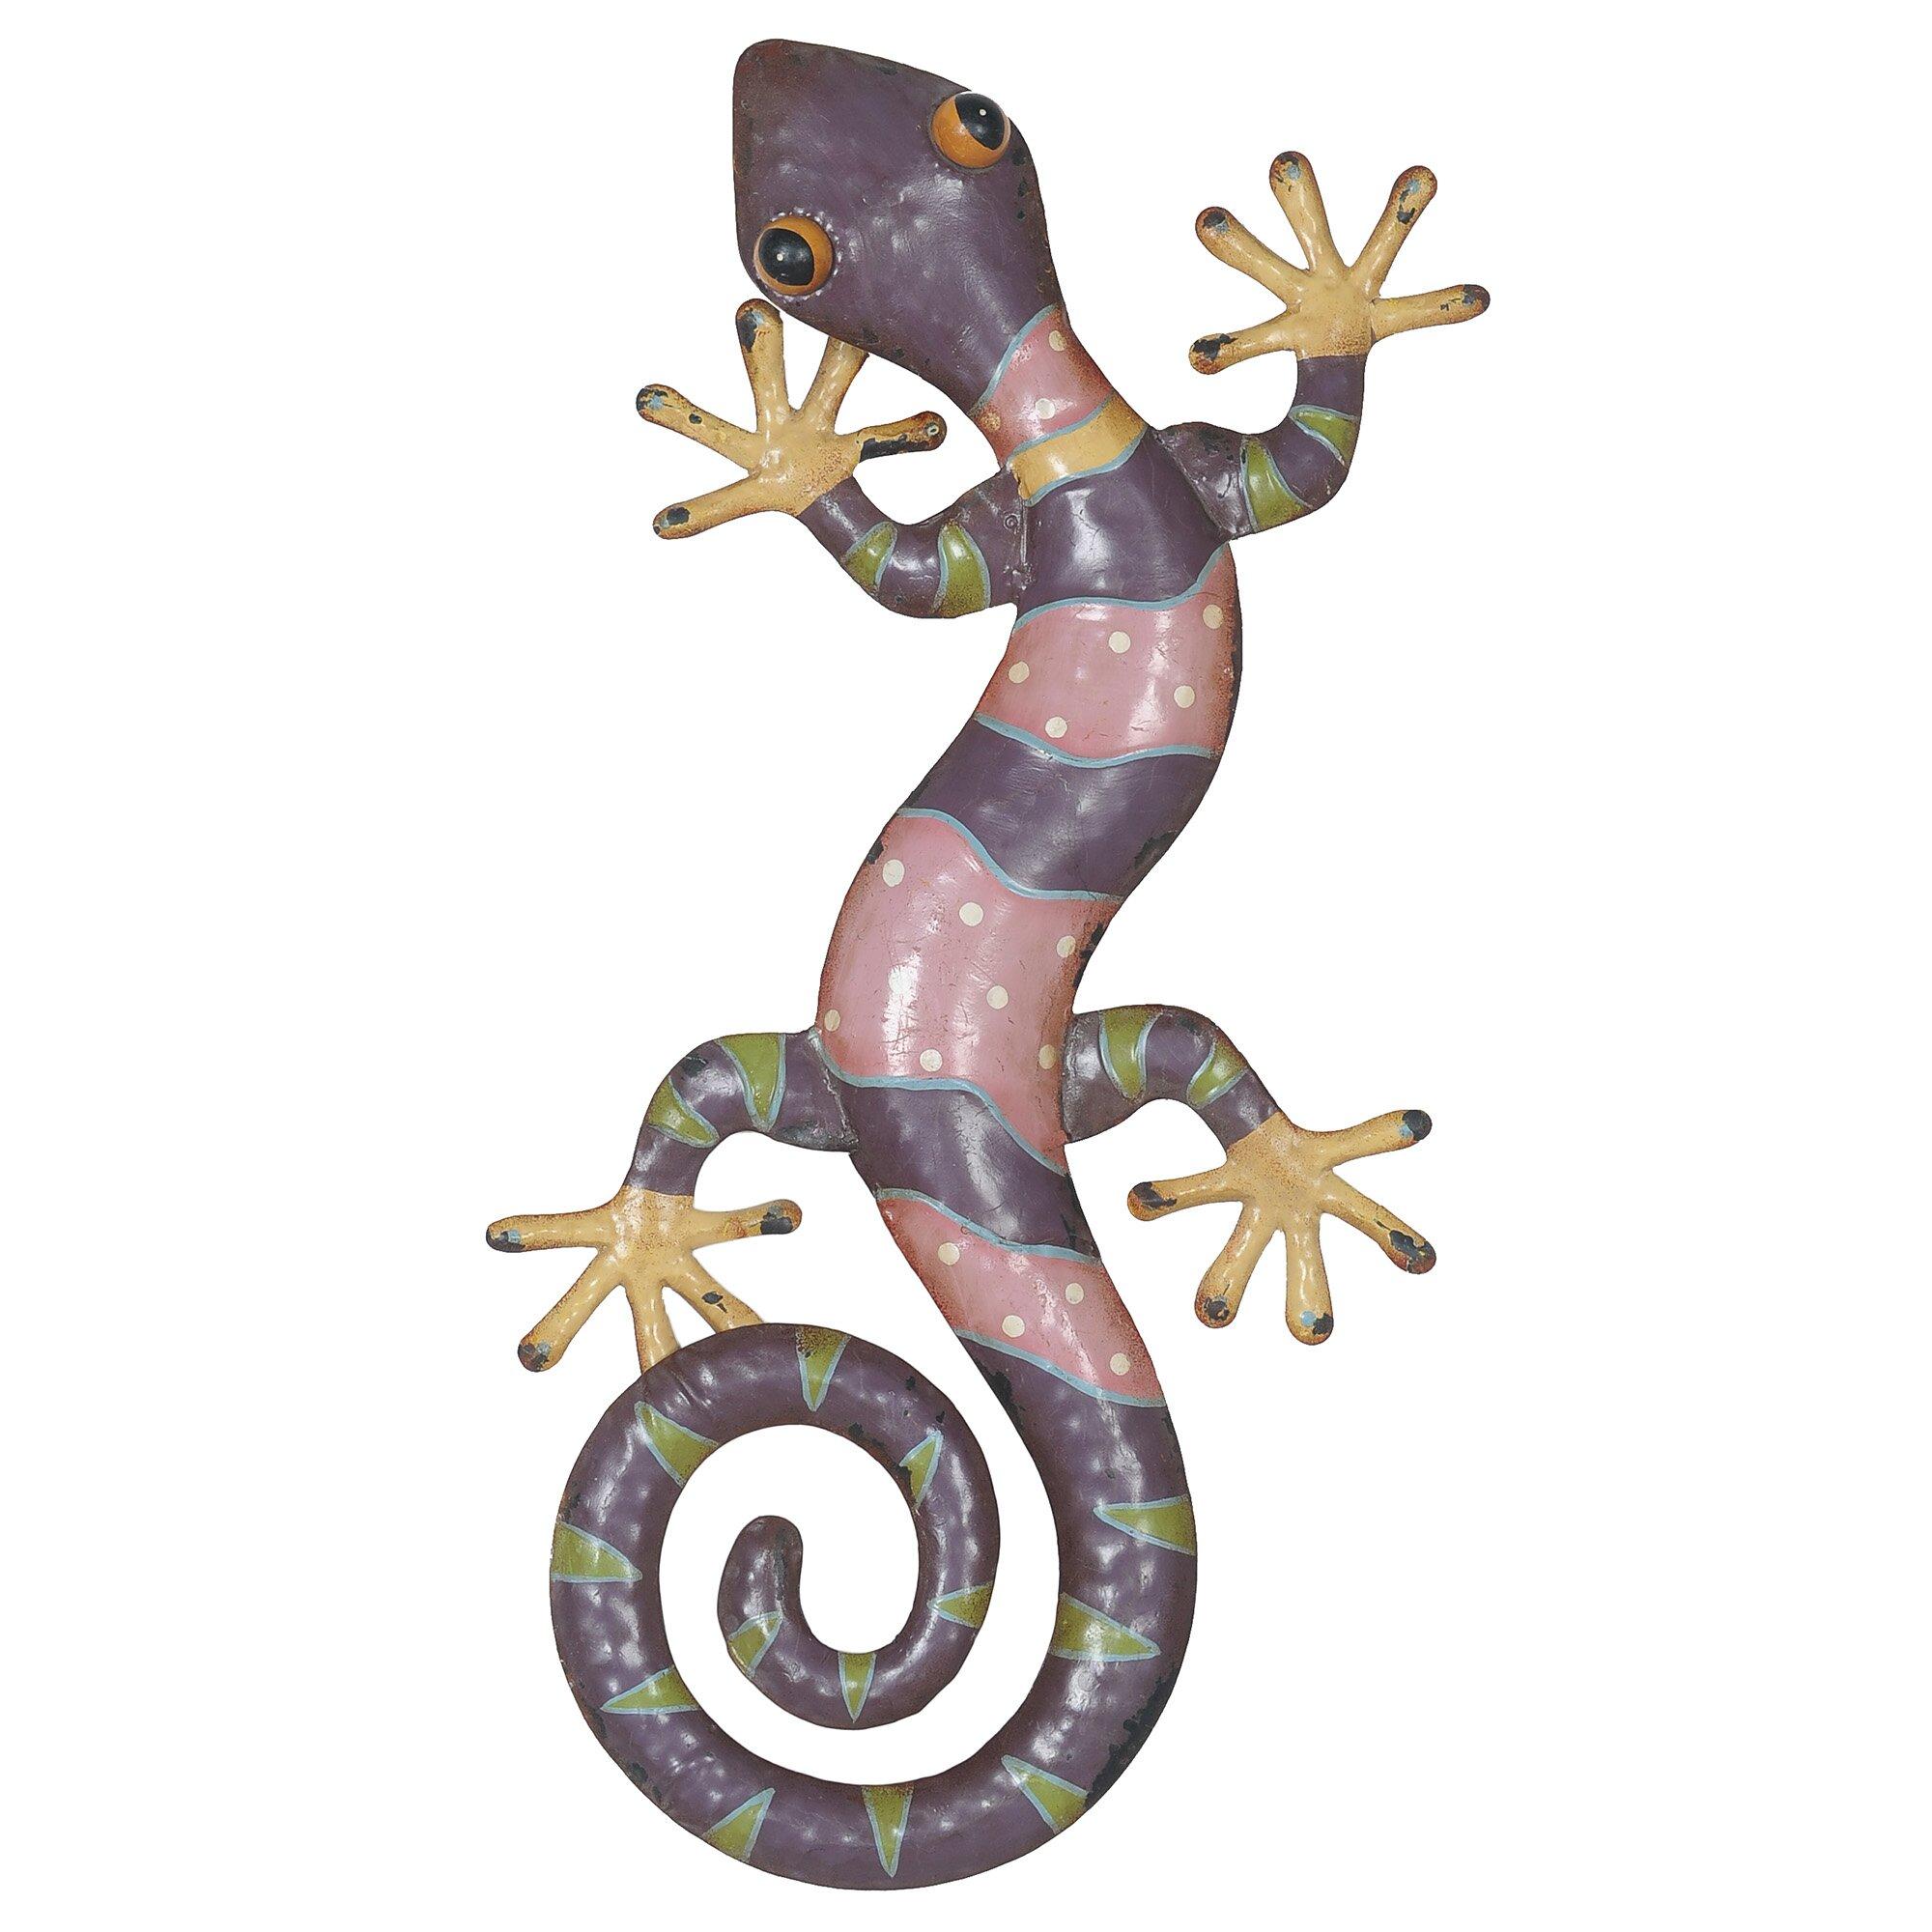 Sunjoy gecko outdoor wall decor reviews wayfair for Gecko wall art